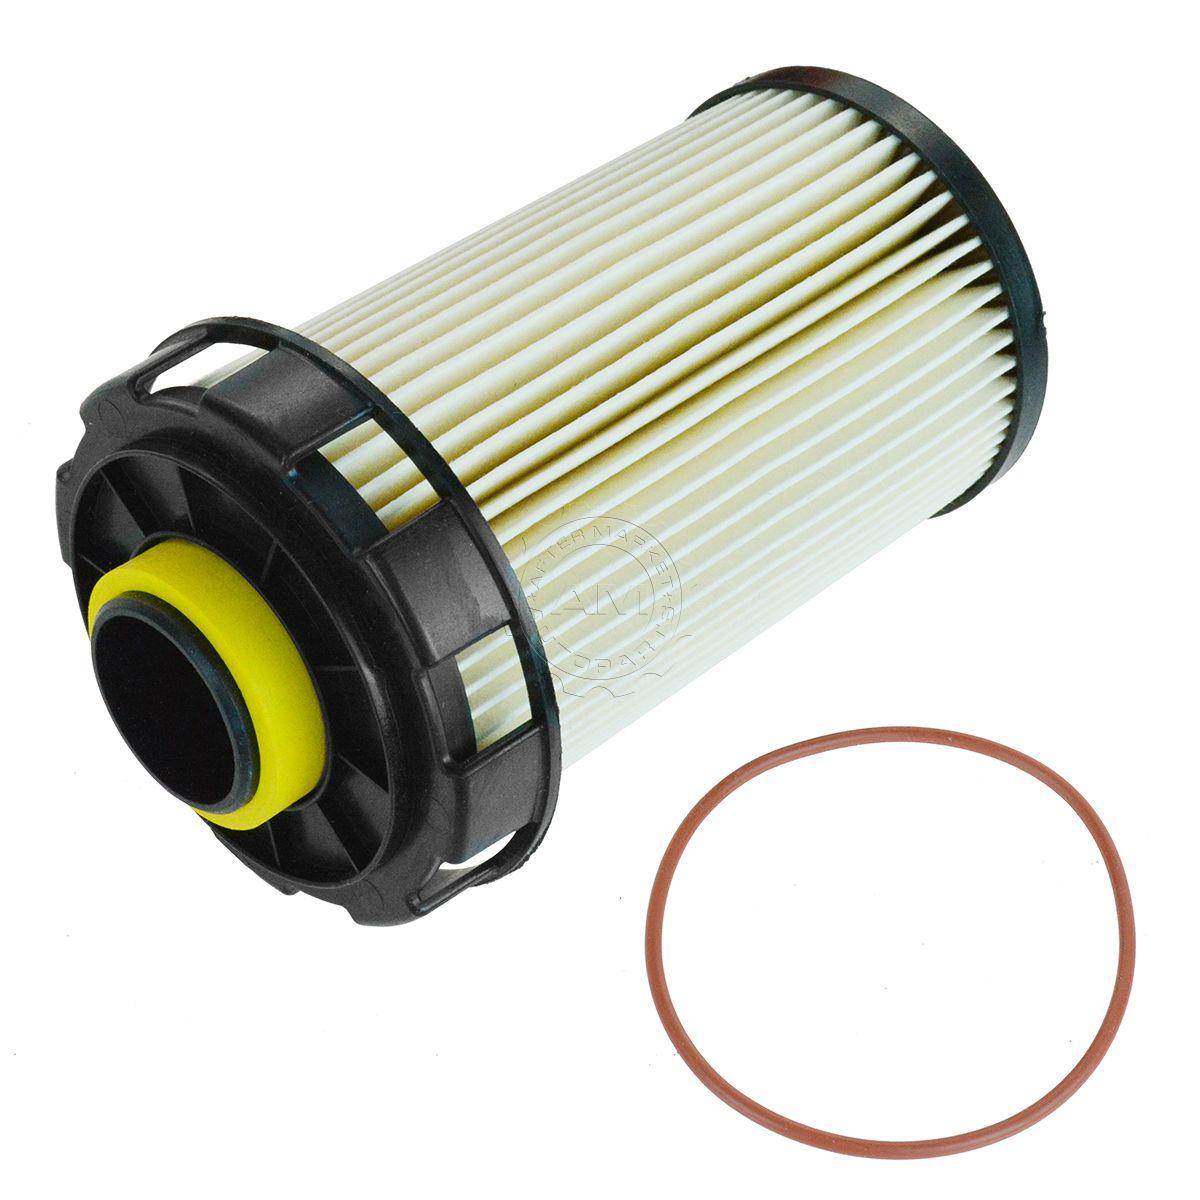 Diesel Fuel Filter for Dodge Ram 2500 3500 4500 5500 6.7L